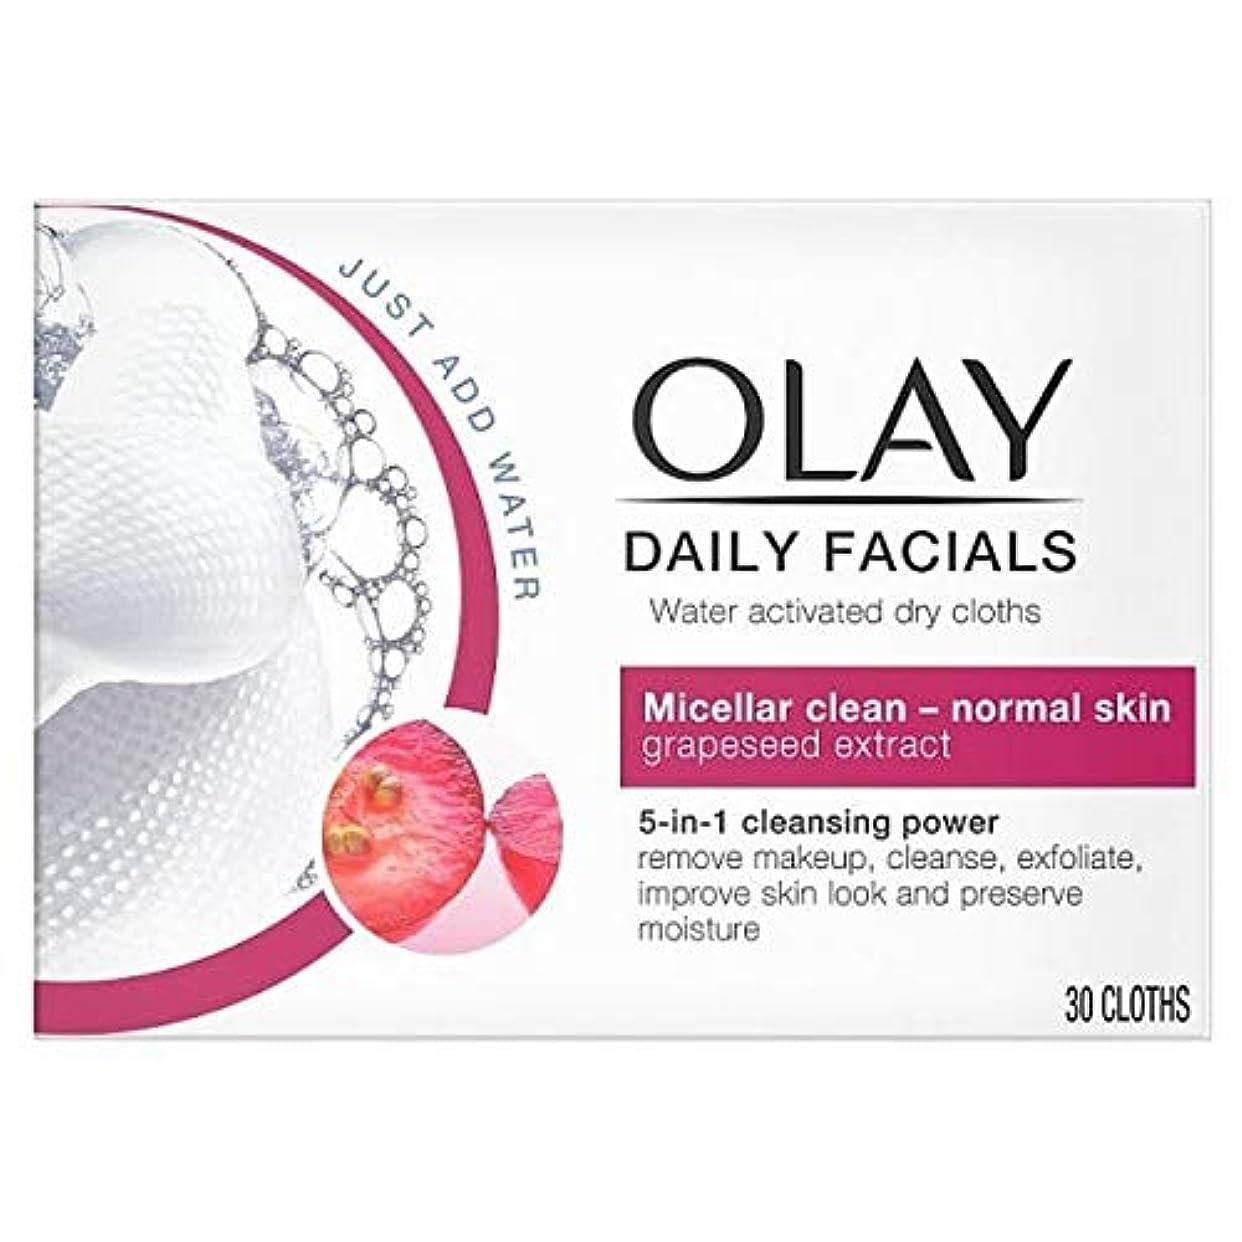 震え地域の作成者[Olay ] オーレイ毎日フェイシャル5-In1は乾燥布 - 正常な皮膚 - Olay Daily Facials 5-in1 Dry Cloths - Normal Skin [並行輸入品]